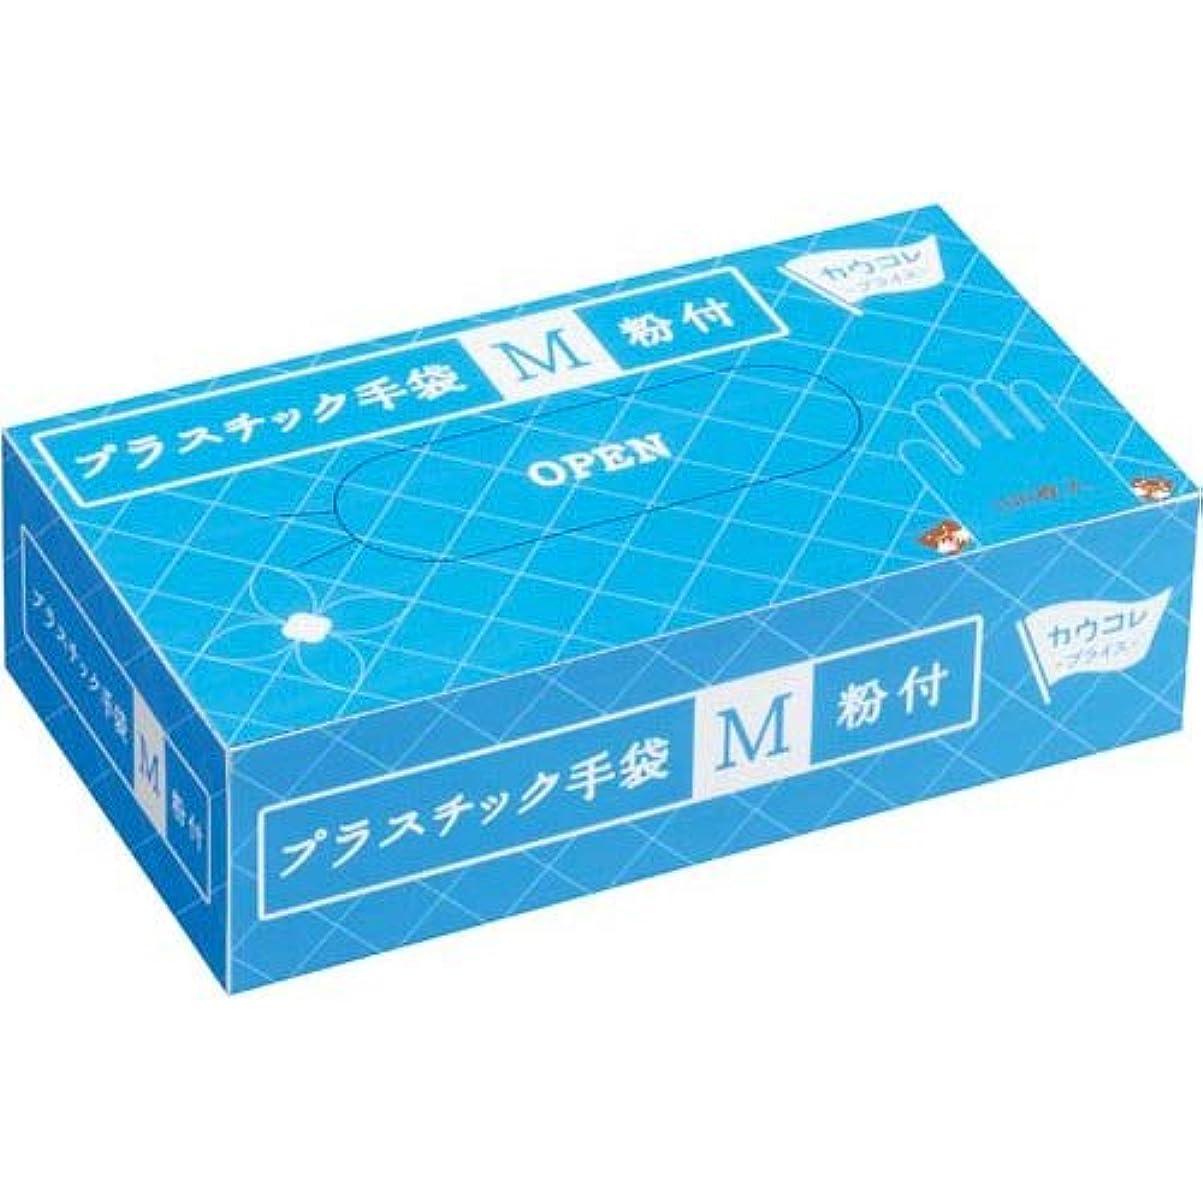 電子レンジやむを得ない緊急カウネット プラスチック手袋 粉付M 100枚入